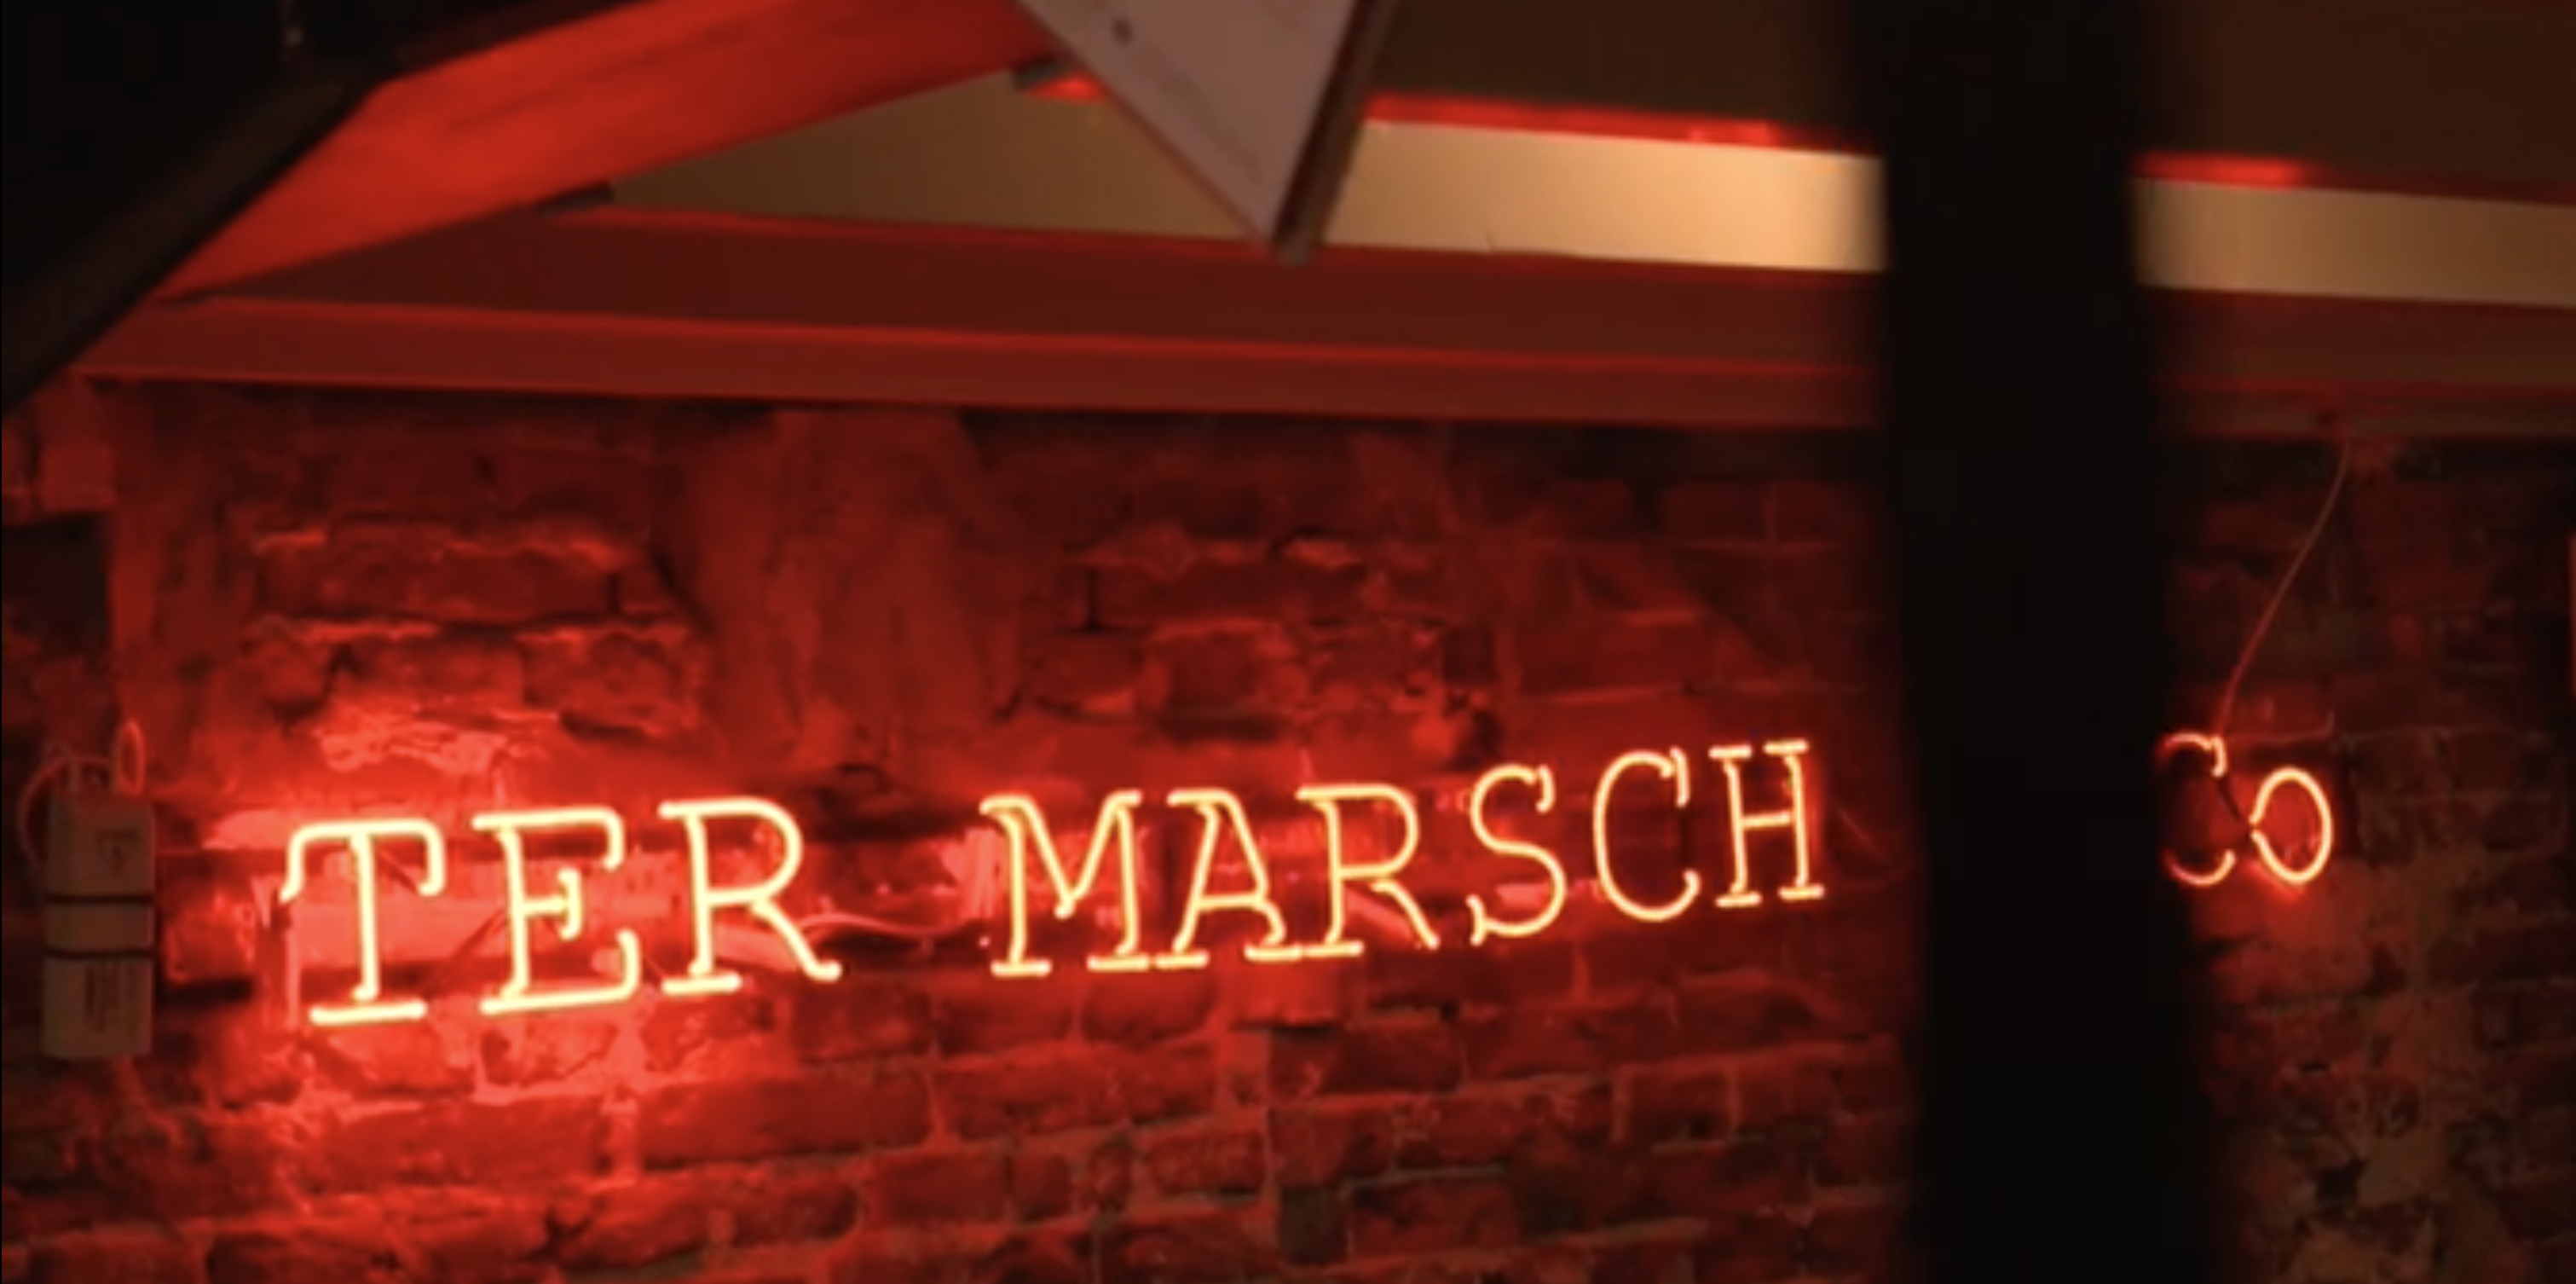 Ter Marsch & Co